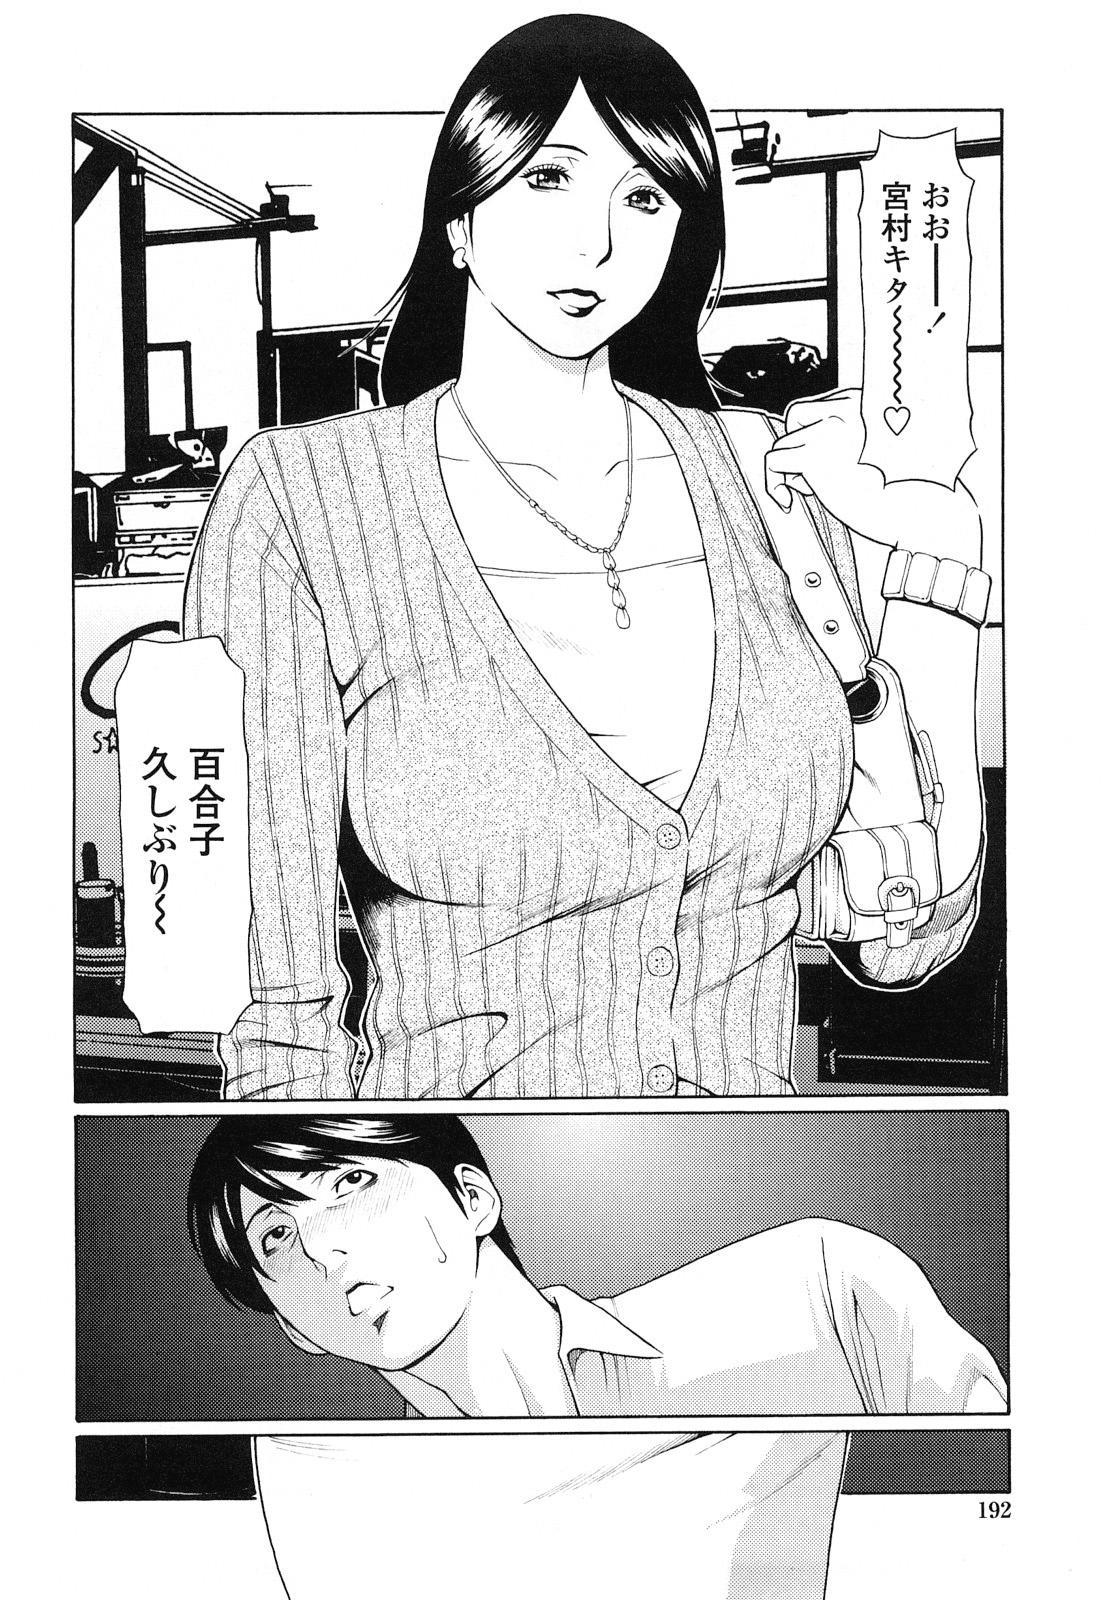 [Takasugi Kou] Kindan no Haha-Ana - Immorality Love-Hole Ch. 11-12 [Decensored] 19